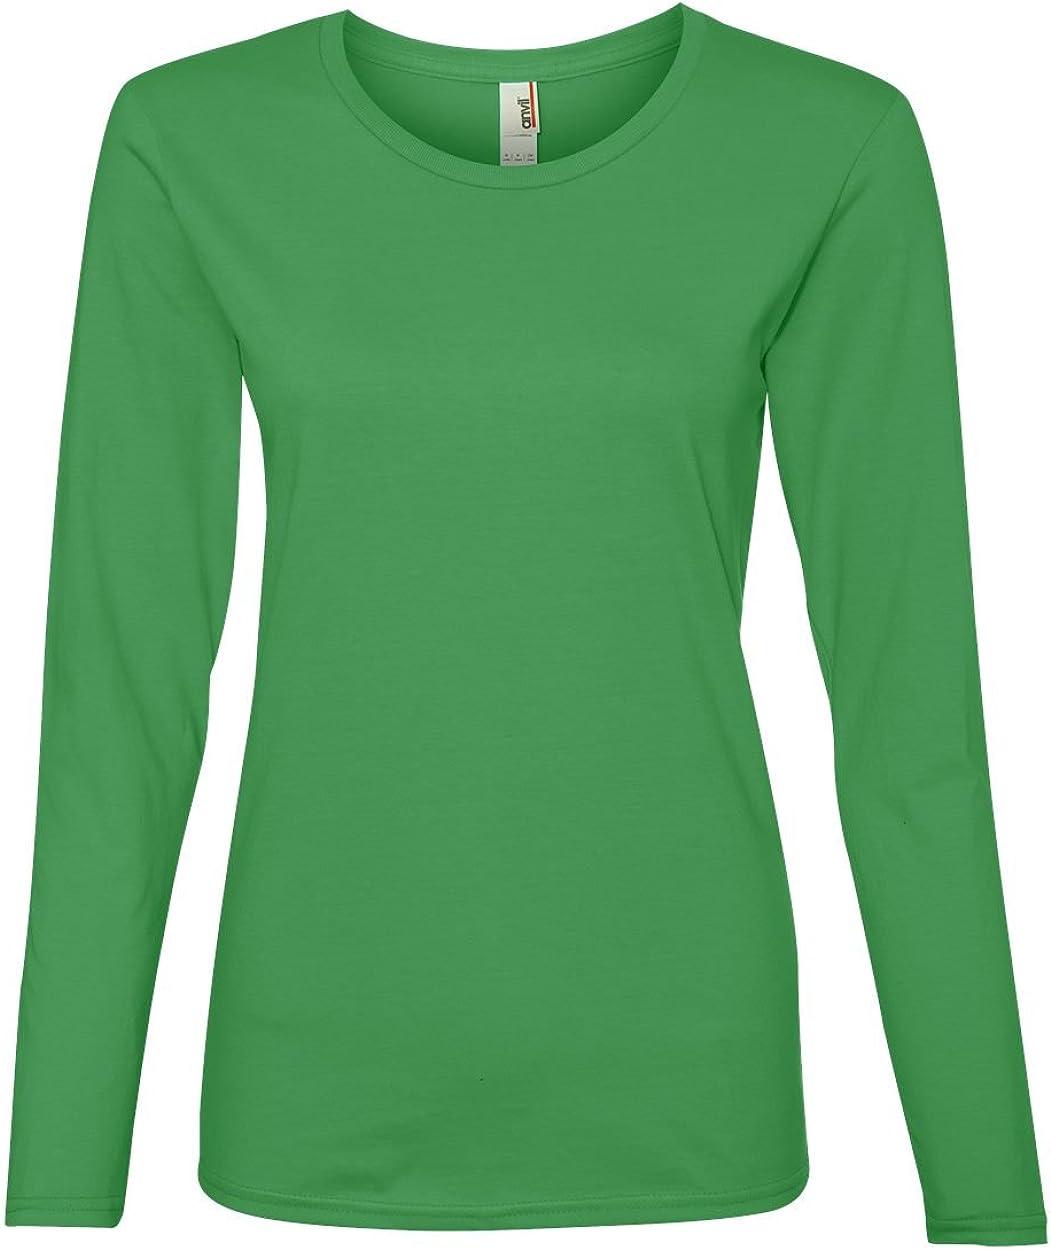 Anvil Lightweight Long-Sleeve T-Shirt (884L)